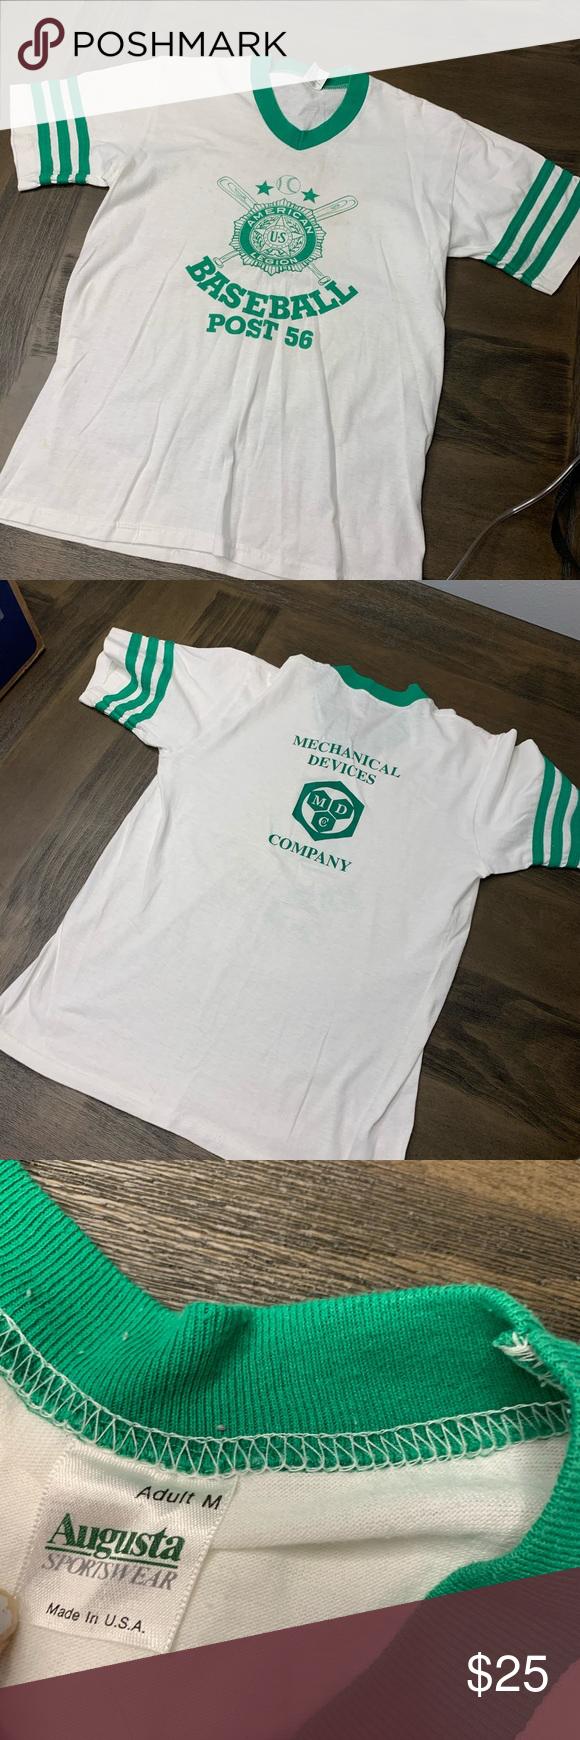 Vintage American Legion Baseball Shirt M Vintage American Legion Baseball Shirt M Shirts Tees Short Sleeve American Vintage Baseball Shirts American Legions